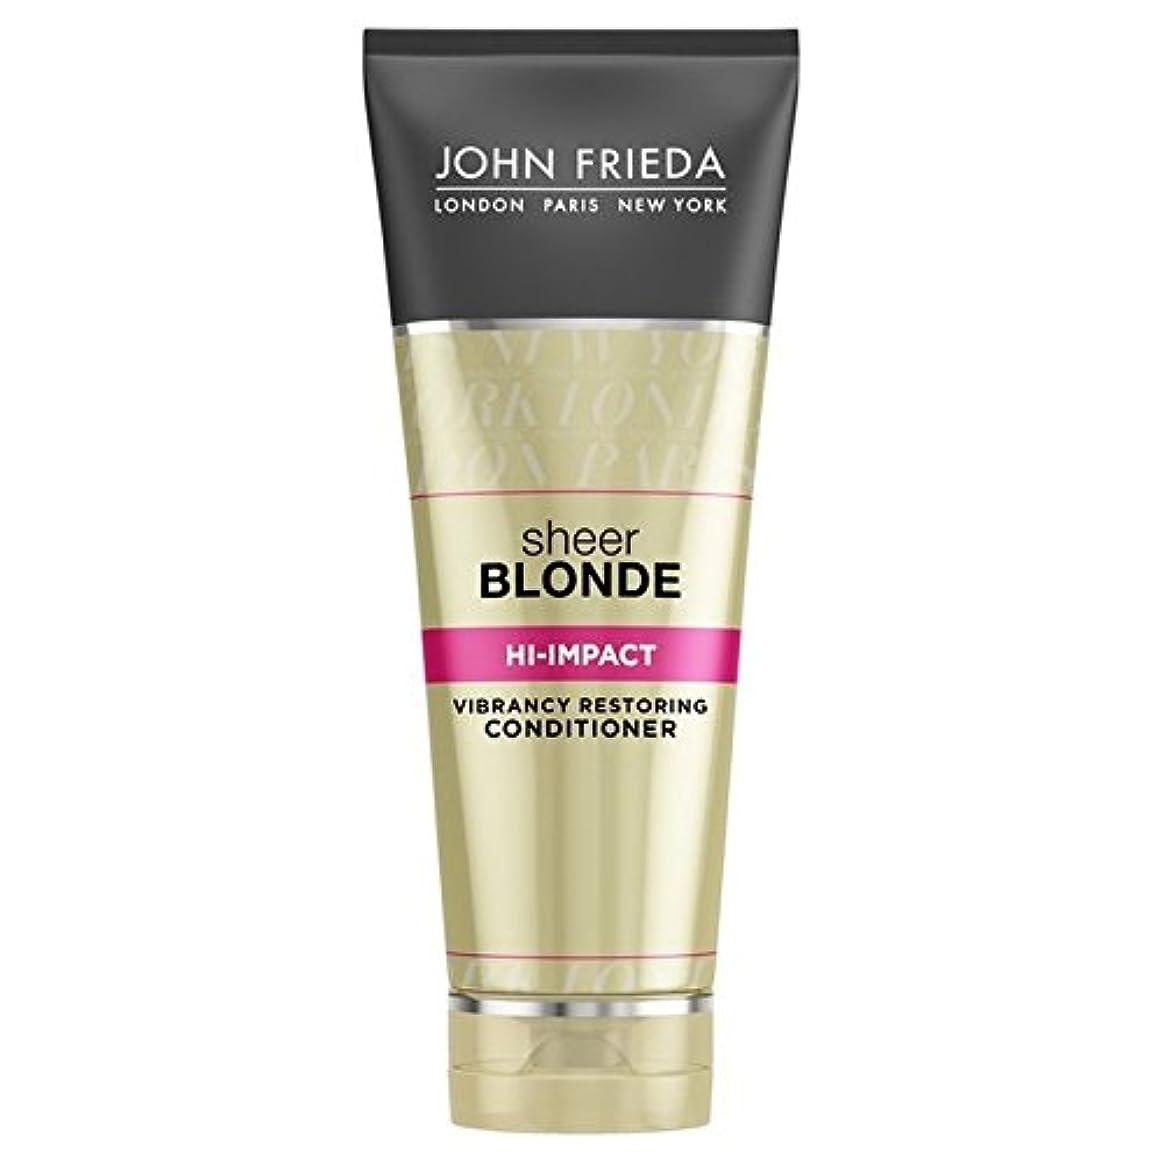 ジョン?フリーダ膨大なブロンドハイインパクトコンディショナー250 x2 - John Frieda Sheer Blonde Hi Impact Conditioner 250ml (Pack of 2) [並行輸入品]